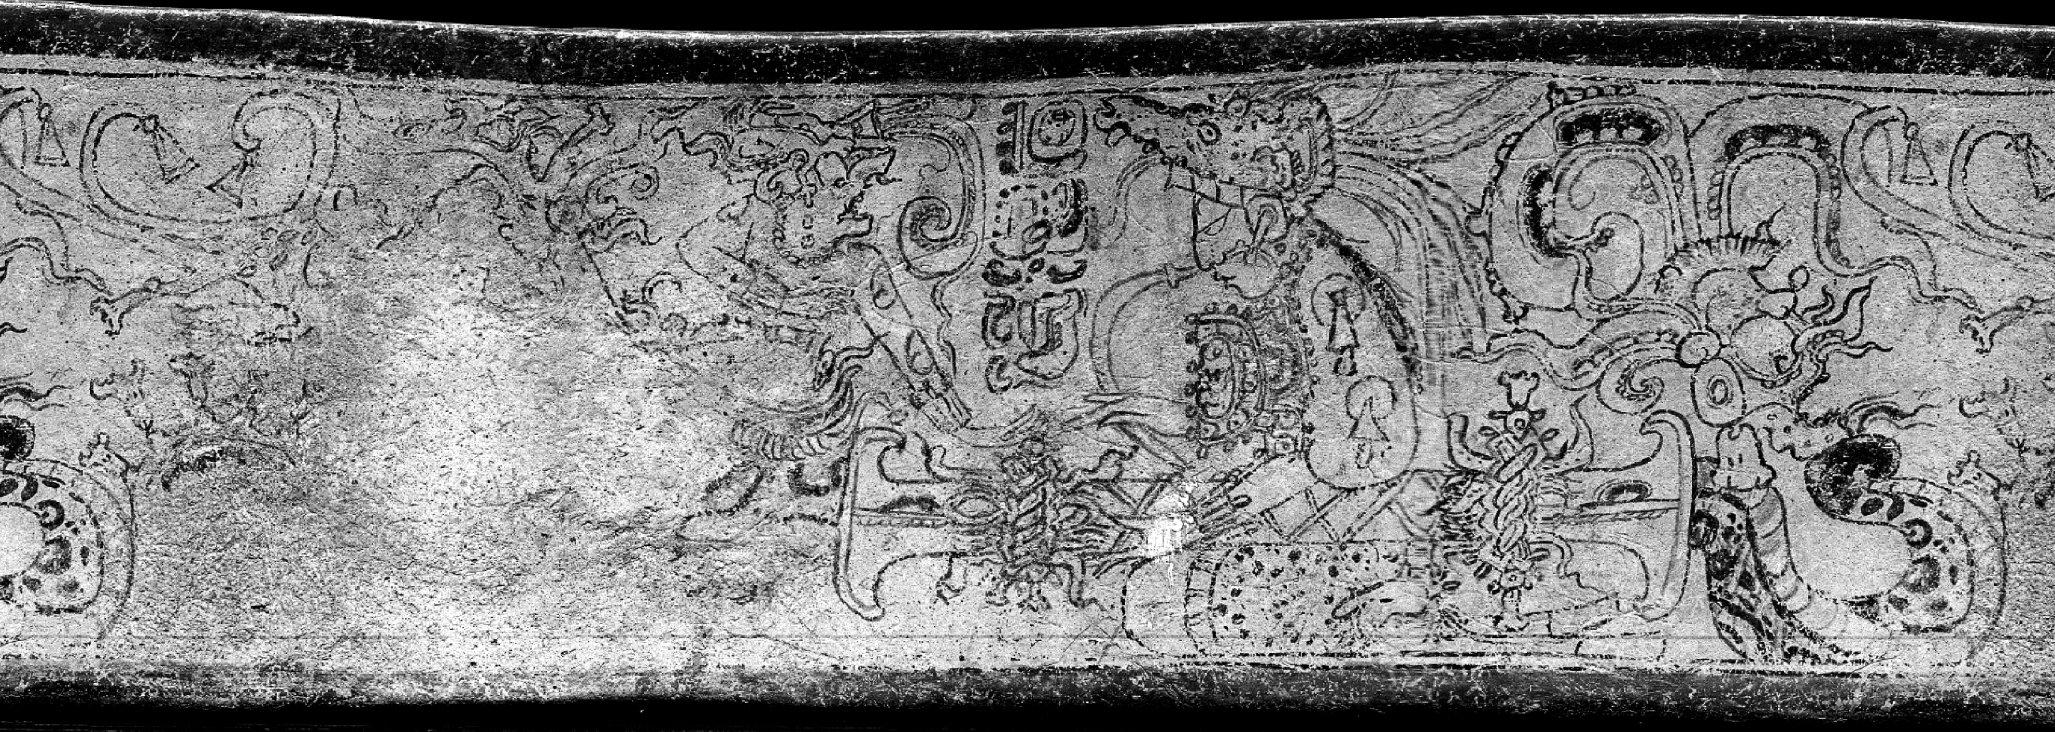 Vaso maya del periodo Classico con raffigurazione di specie di convolvulaceae (in Quintanilla & Eastmond, 2012, fig. 2, p. 274)